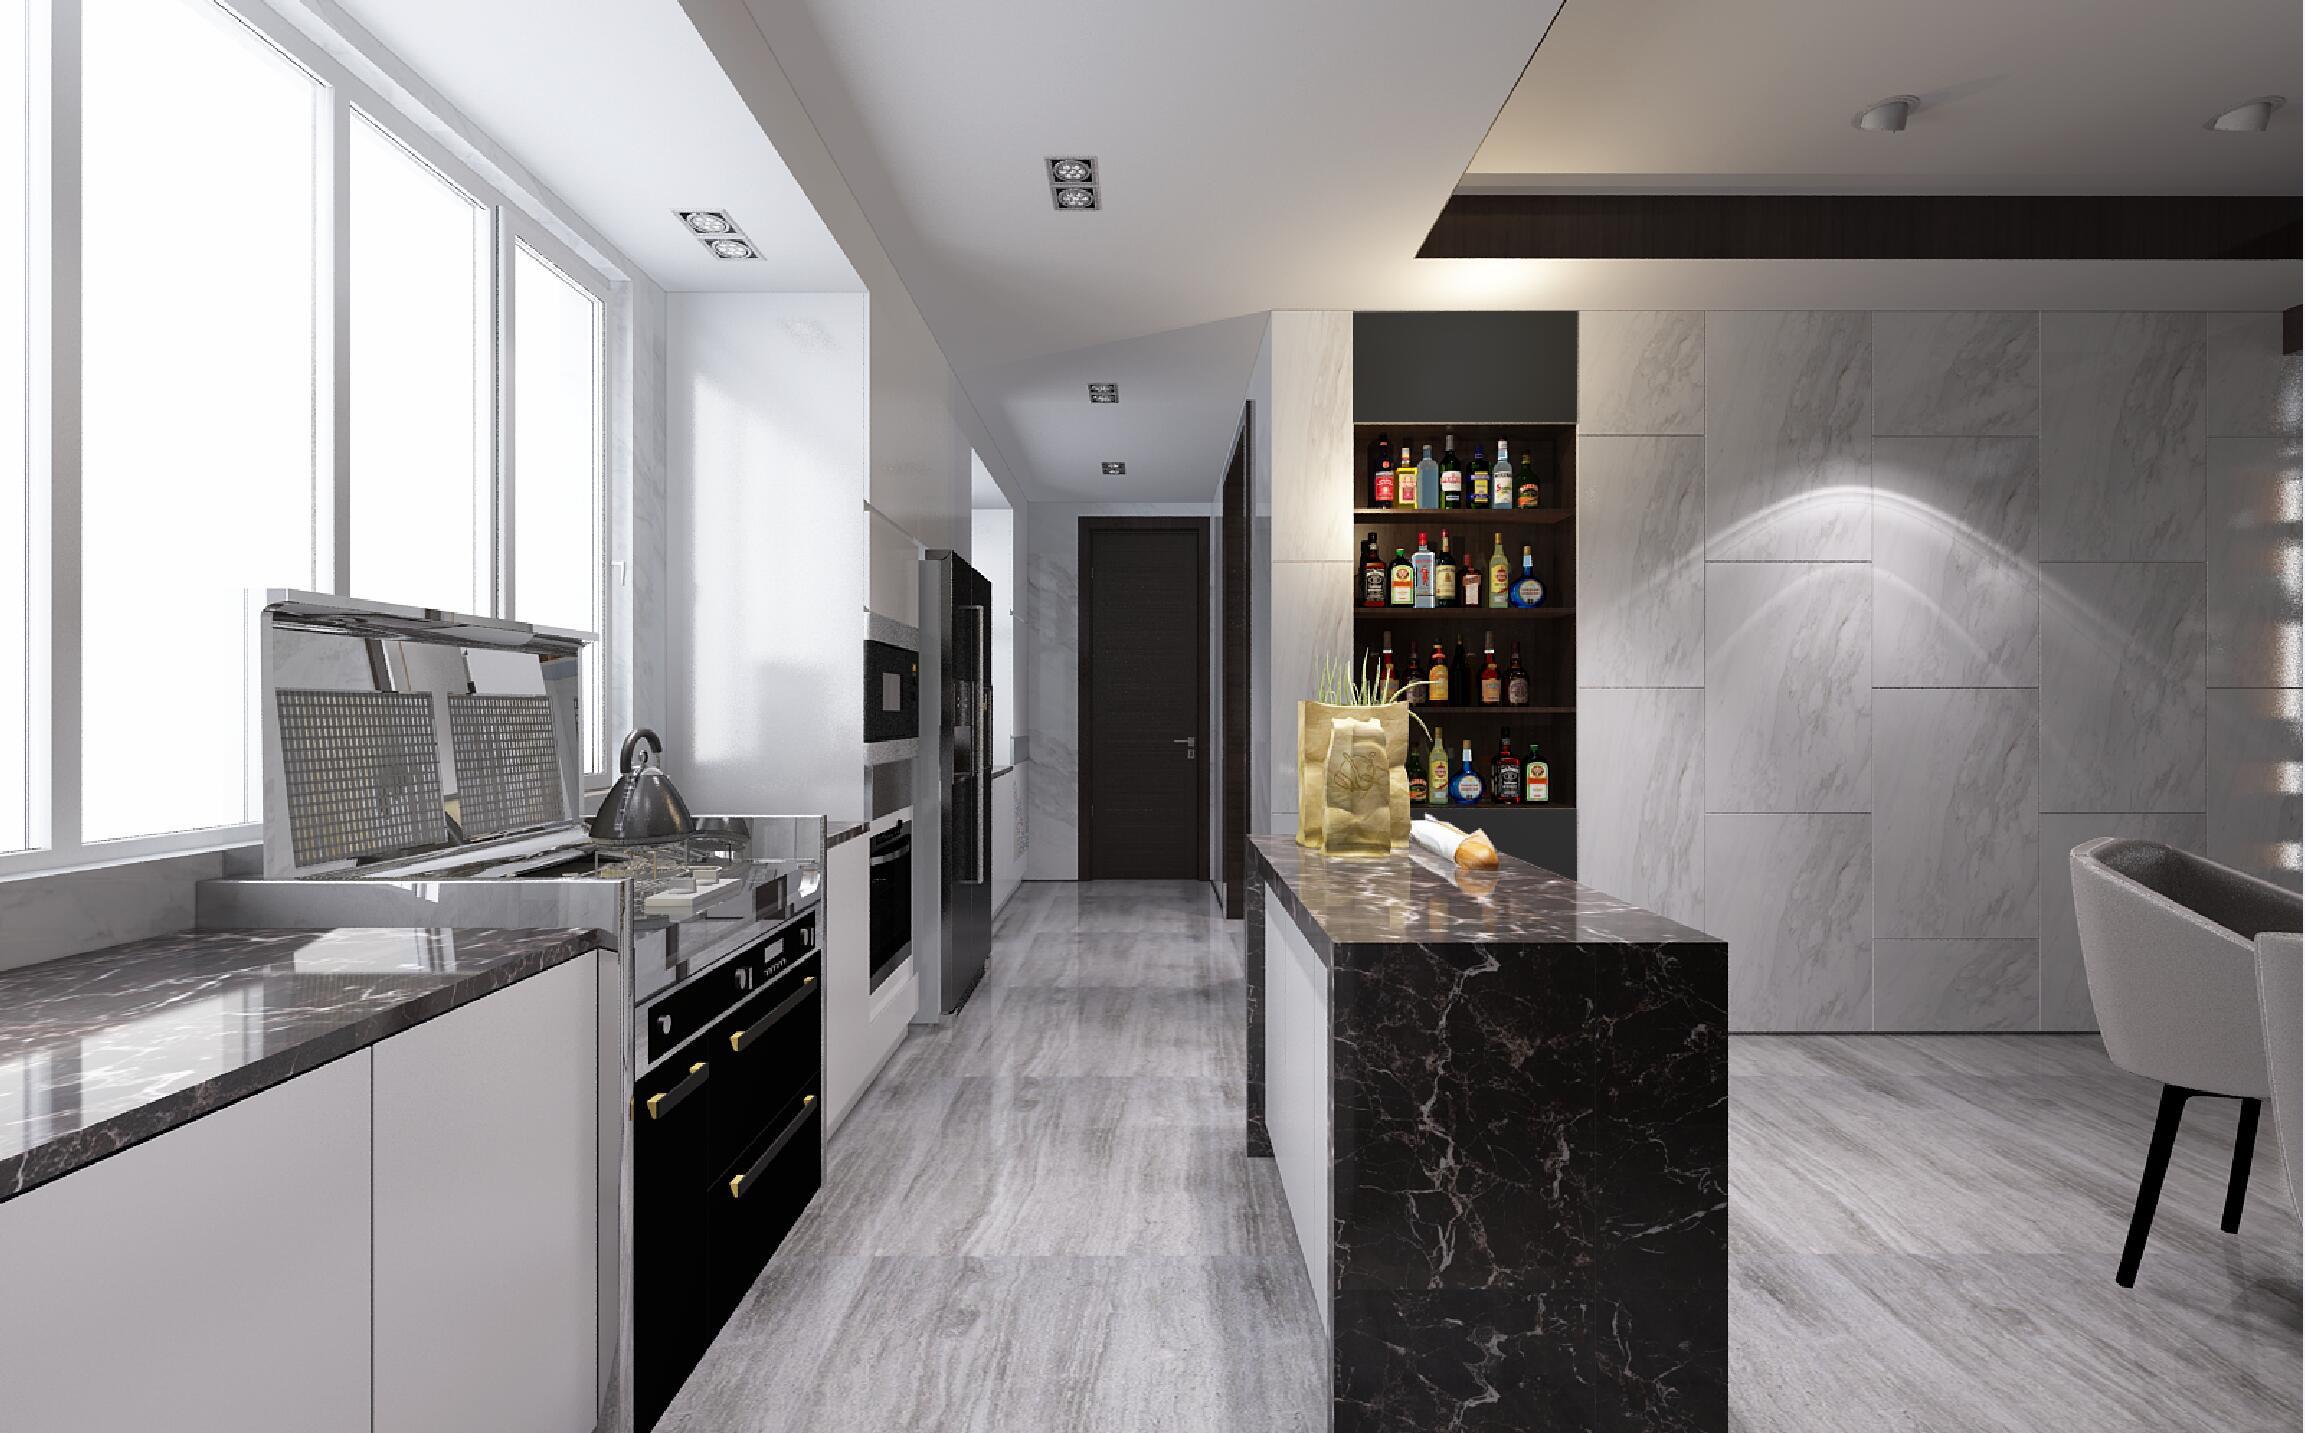 黑白灰调现代风格装修厨房过道